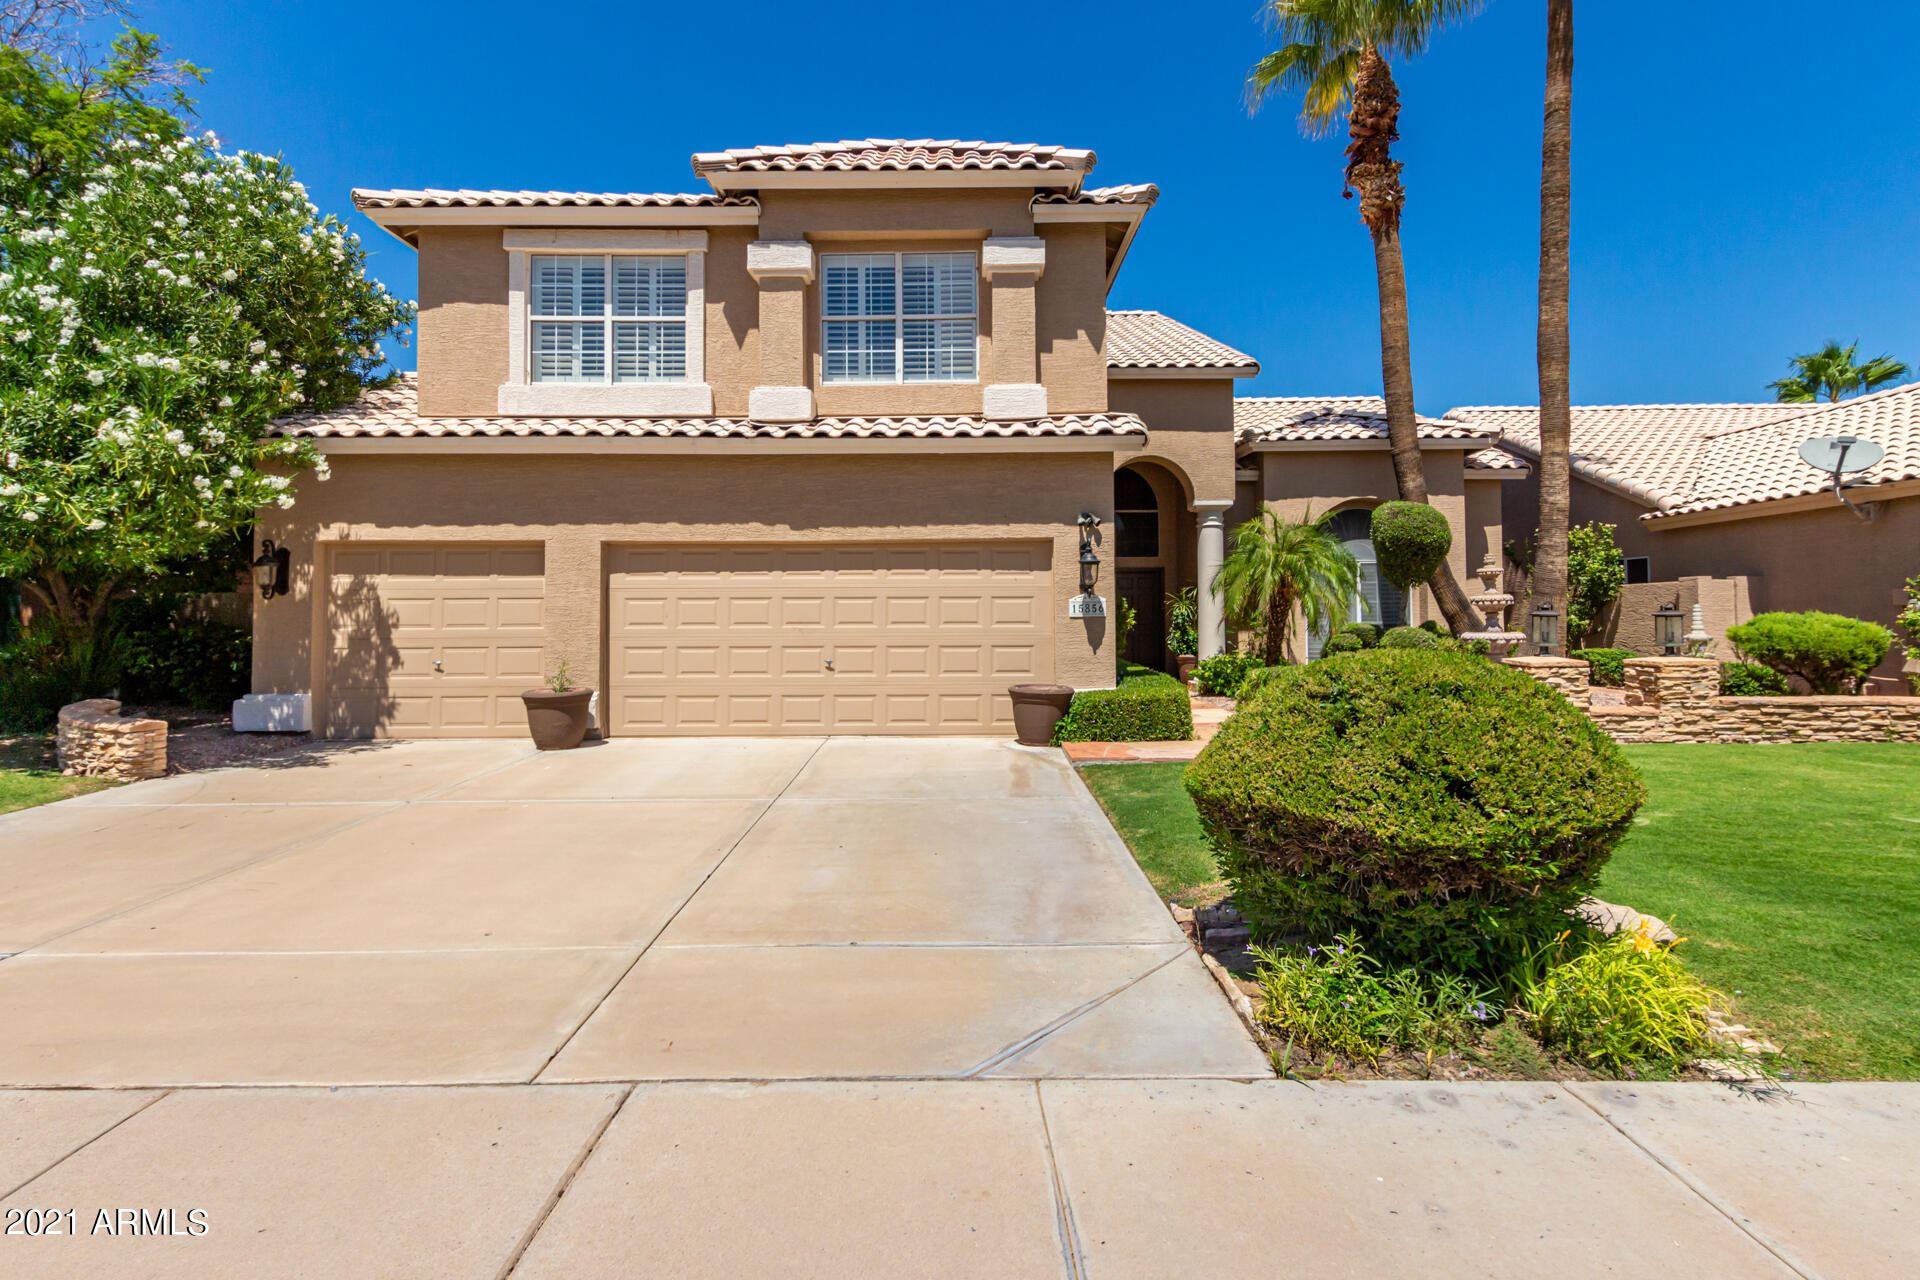 15856 38TH Street                                                                               Phoenix                                                                      , AZ - $886,000